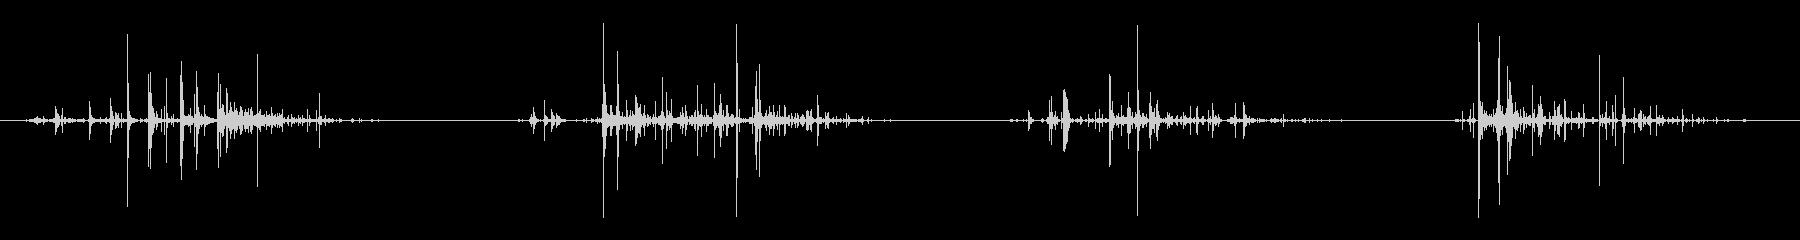 いくつかのシングルロックスタンブル...の未再生の波形